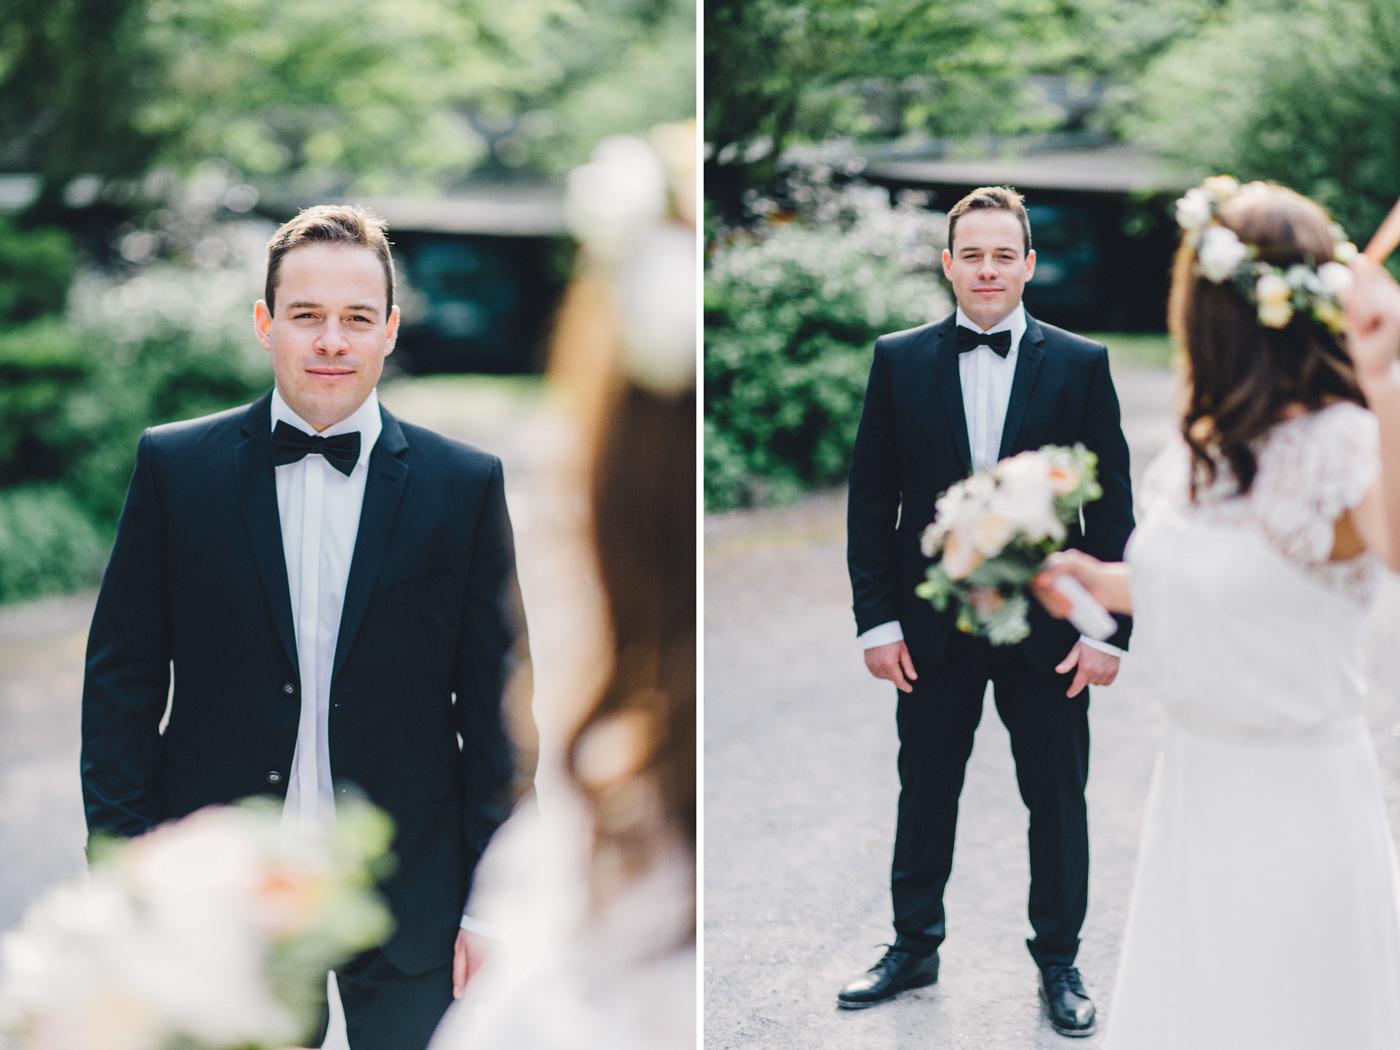 diy-wedding-nothenhof--118